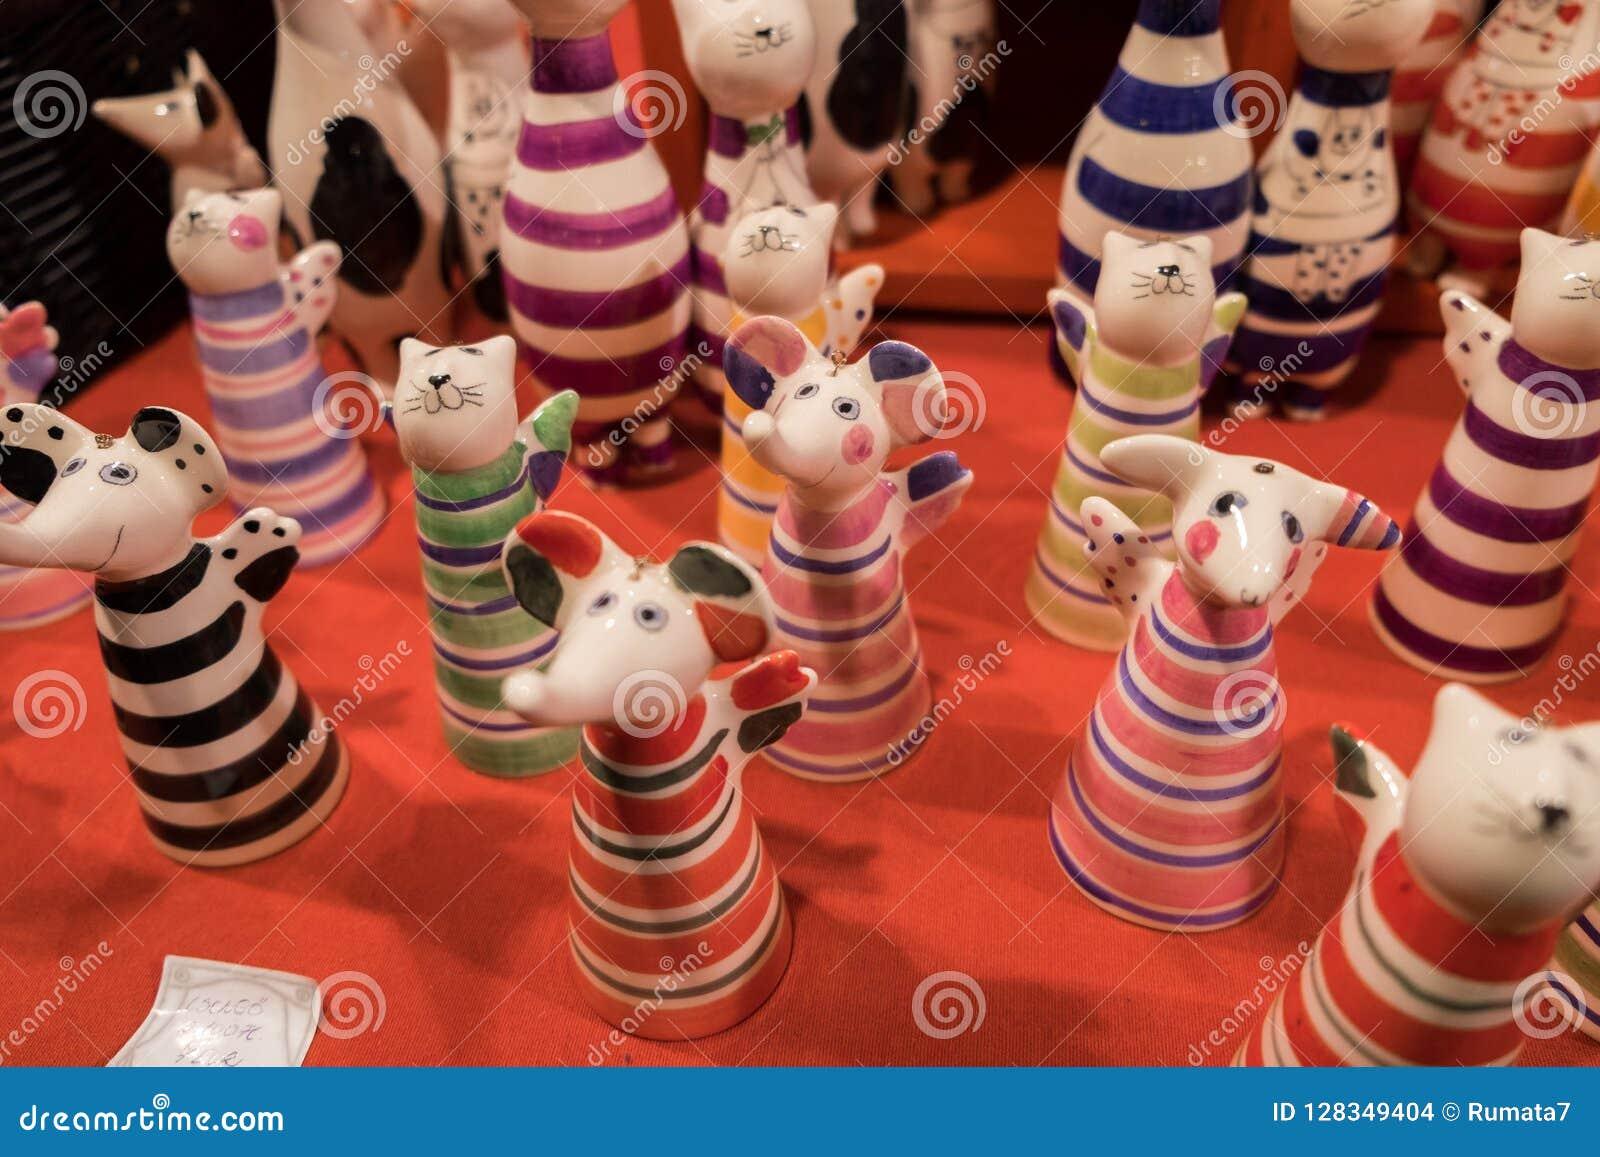 Gatos y estatuillas de cerámica divertidos de los mouses para la venta